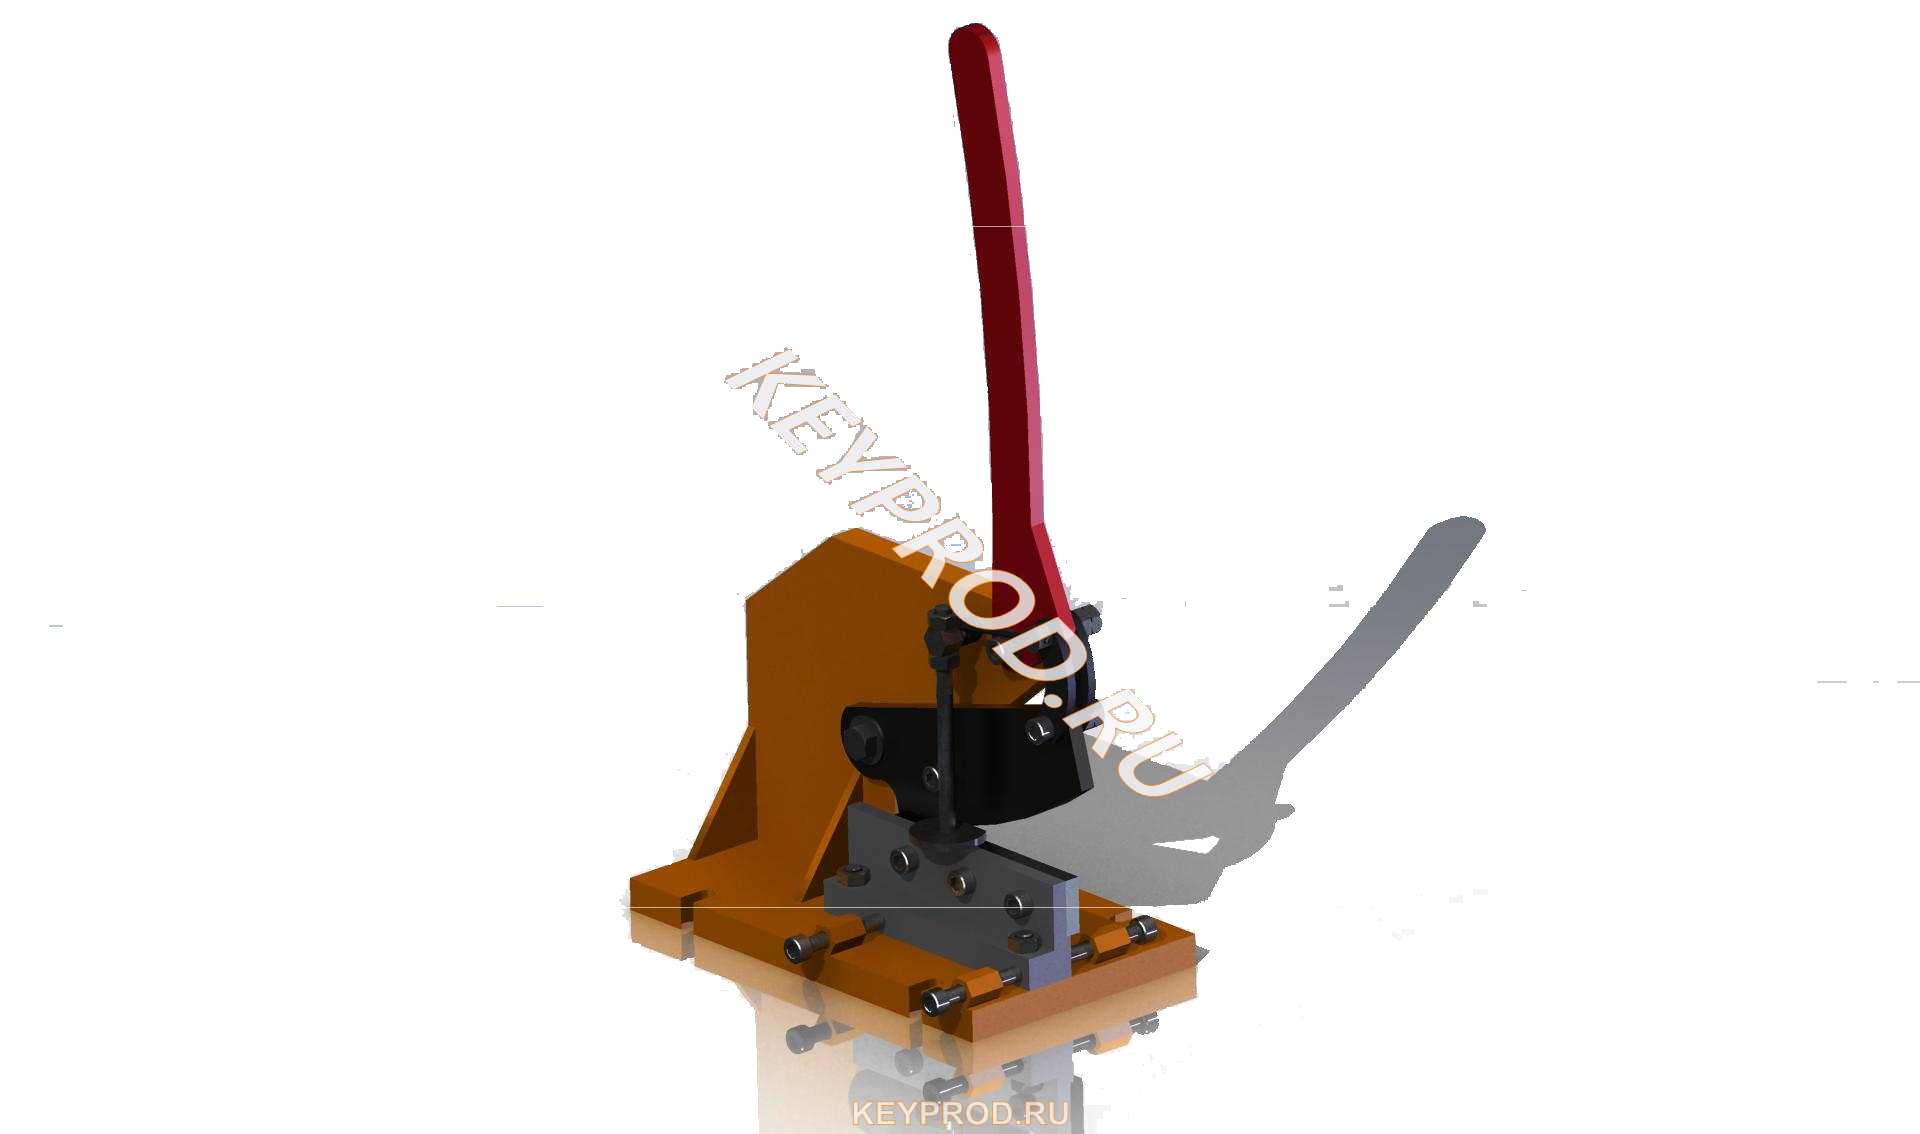 Чертежи и 3D-модели Рычажных ножниц для резки листа